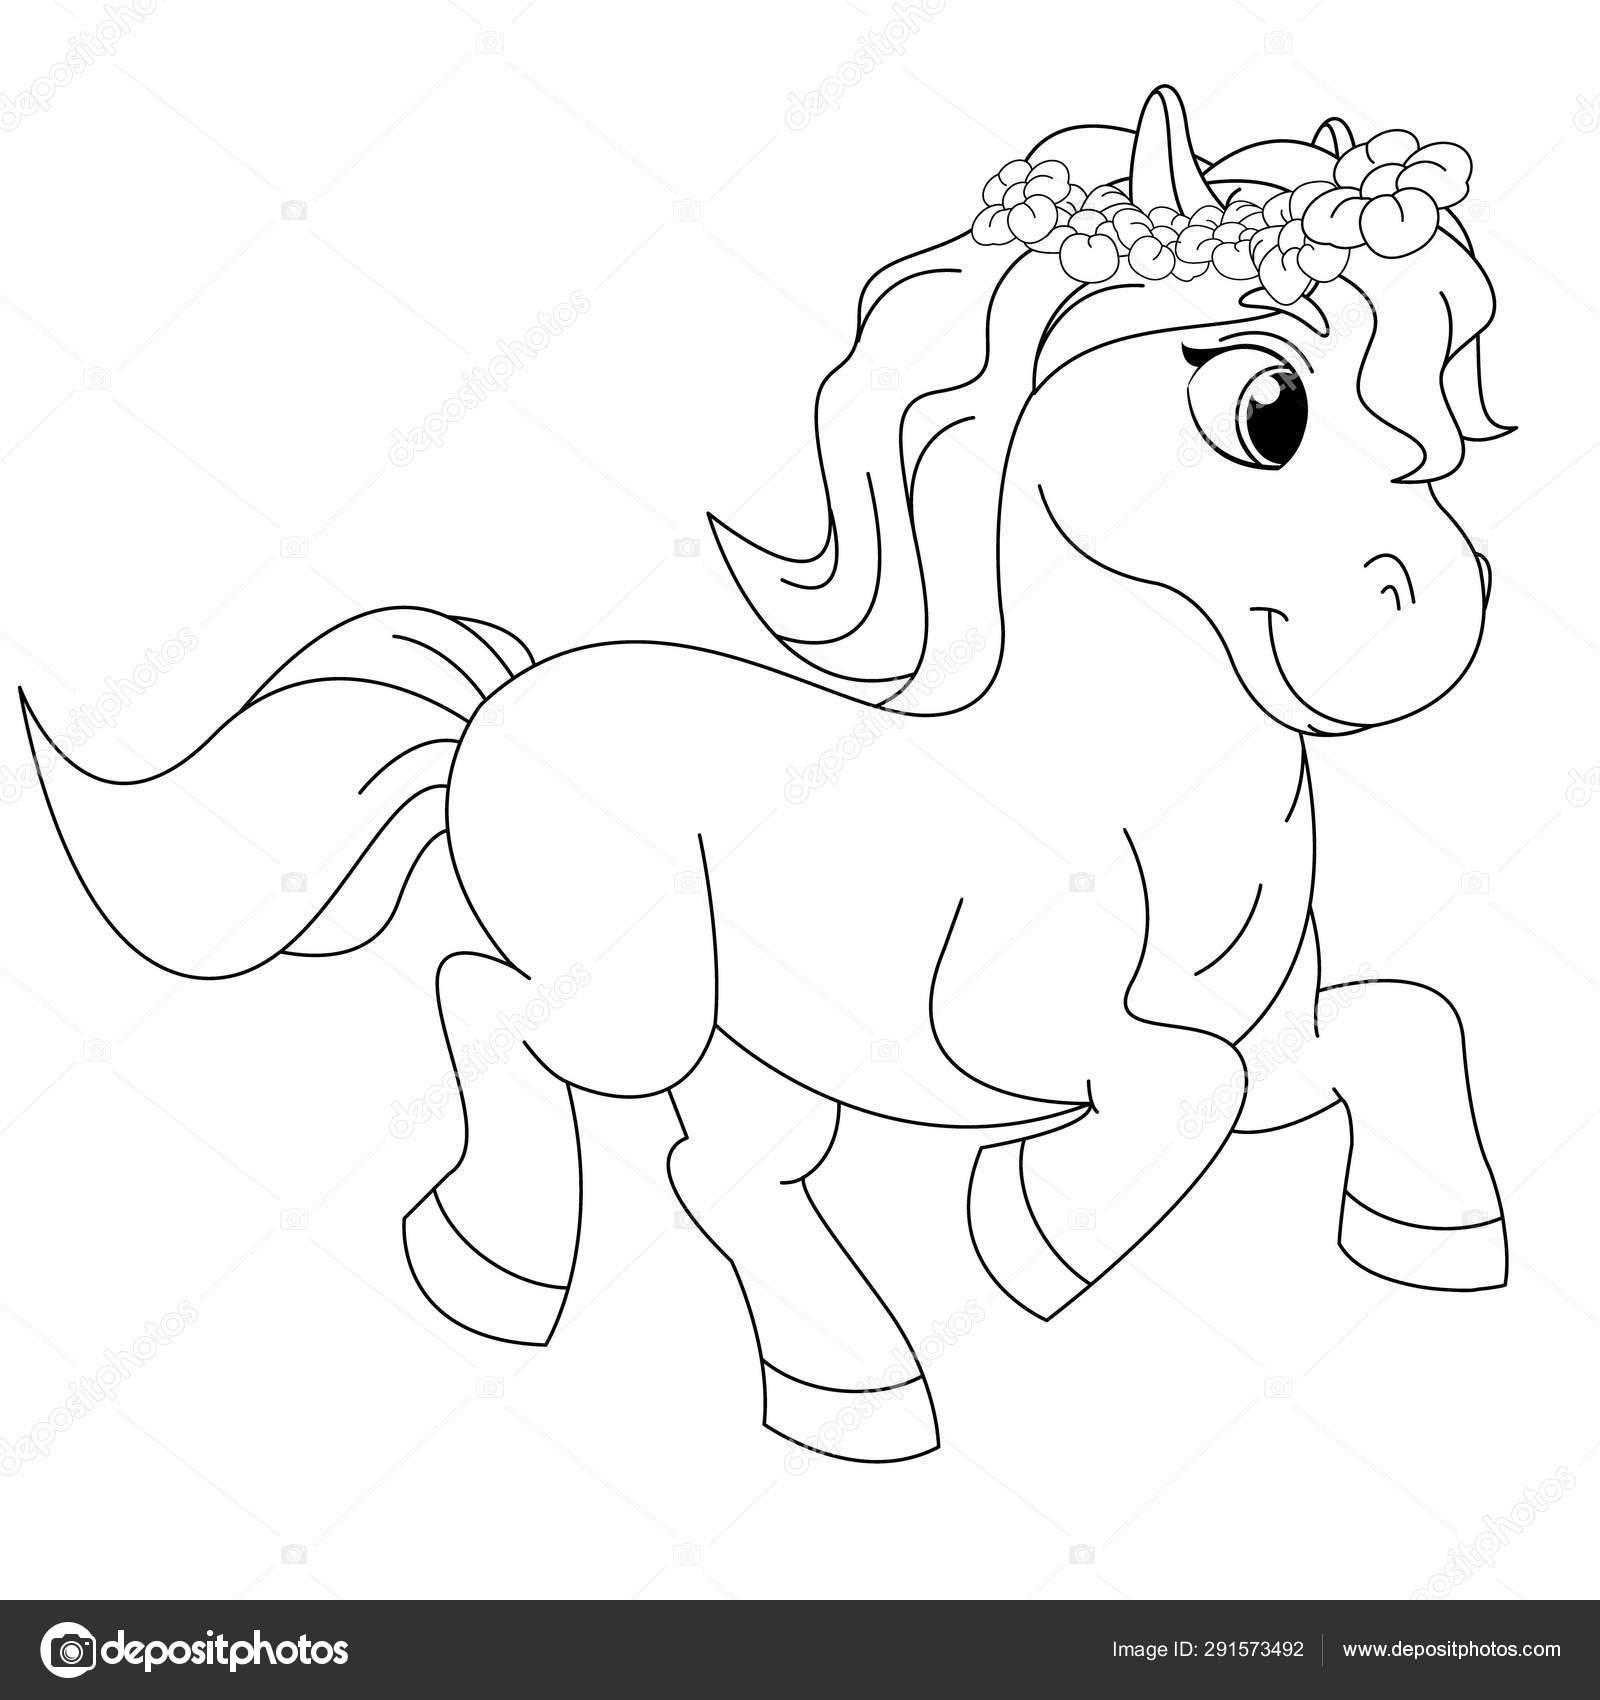 страница книги раскраски сказки пони векторное изображение